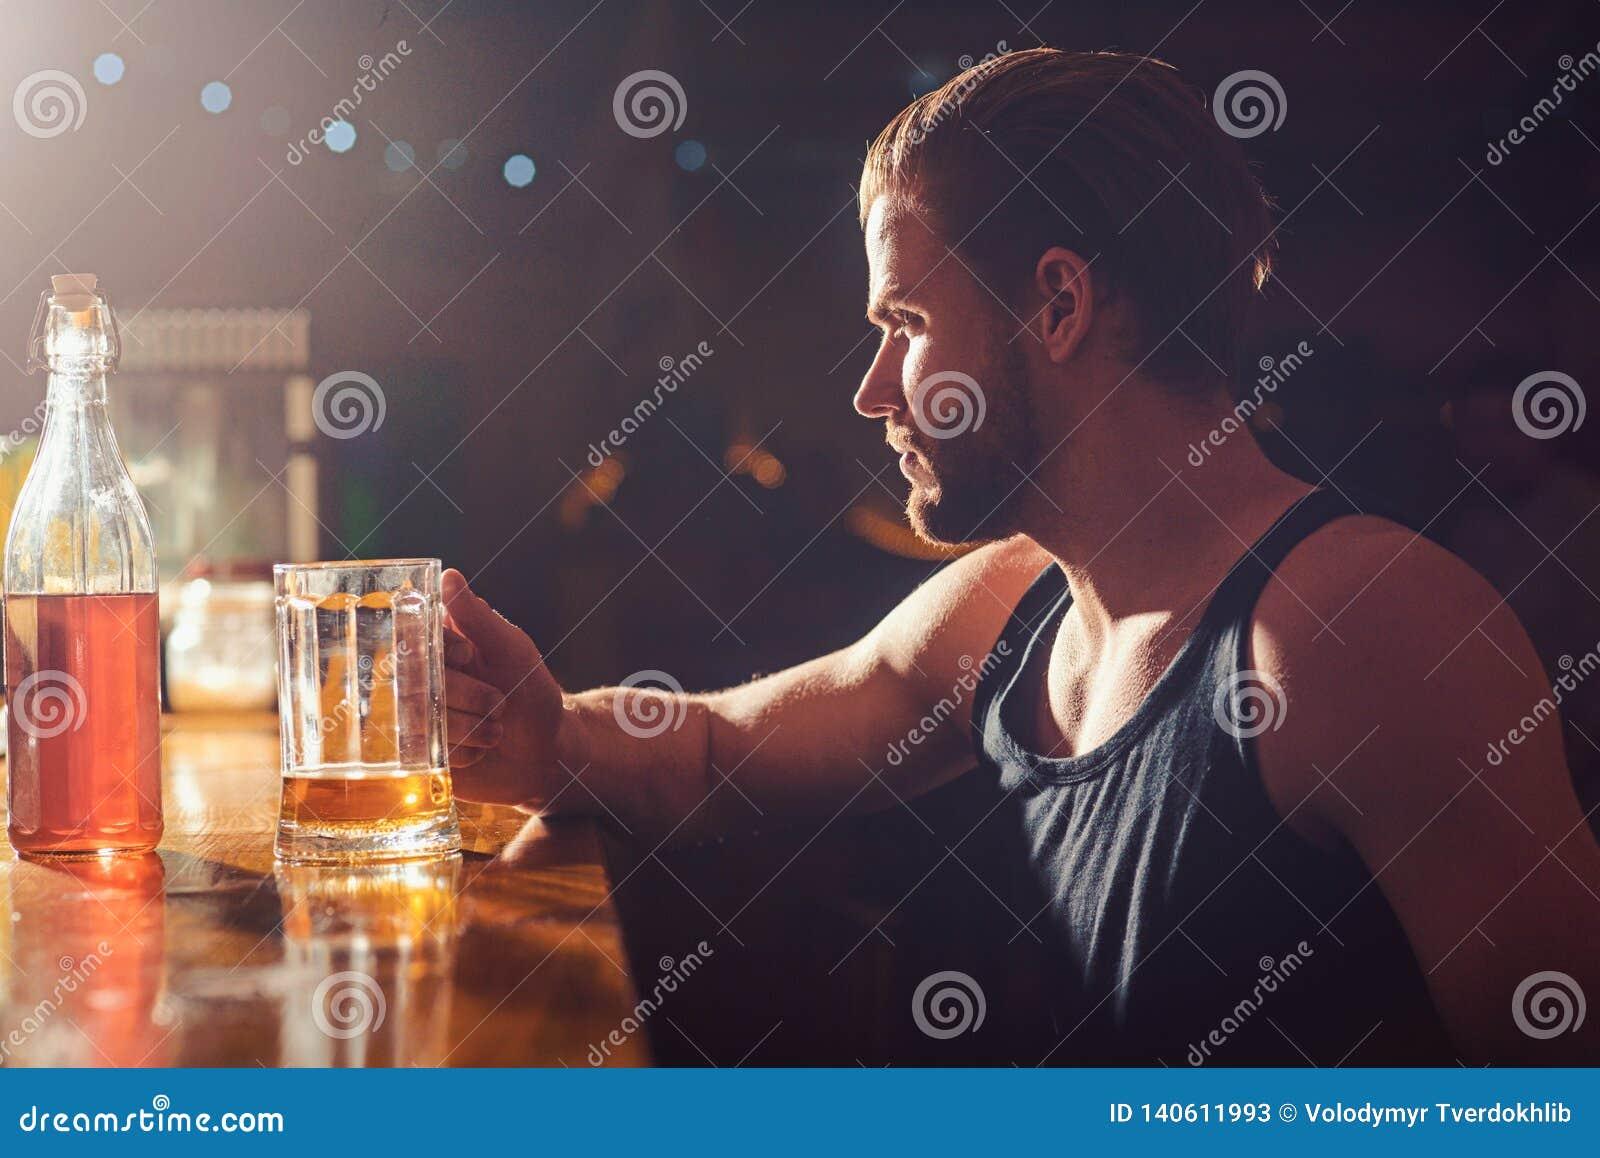 Förnyande öl som ska drickas just nu Alkoholböjelse och oskick Mansupare i bar Stiligt mandrinköl på stången